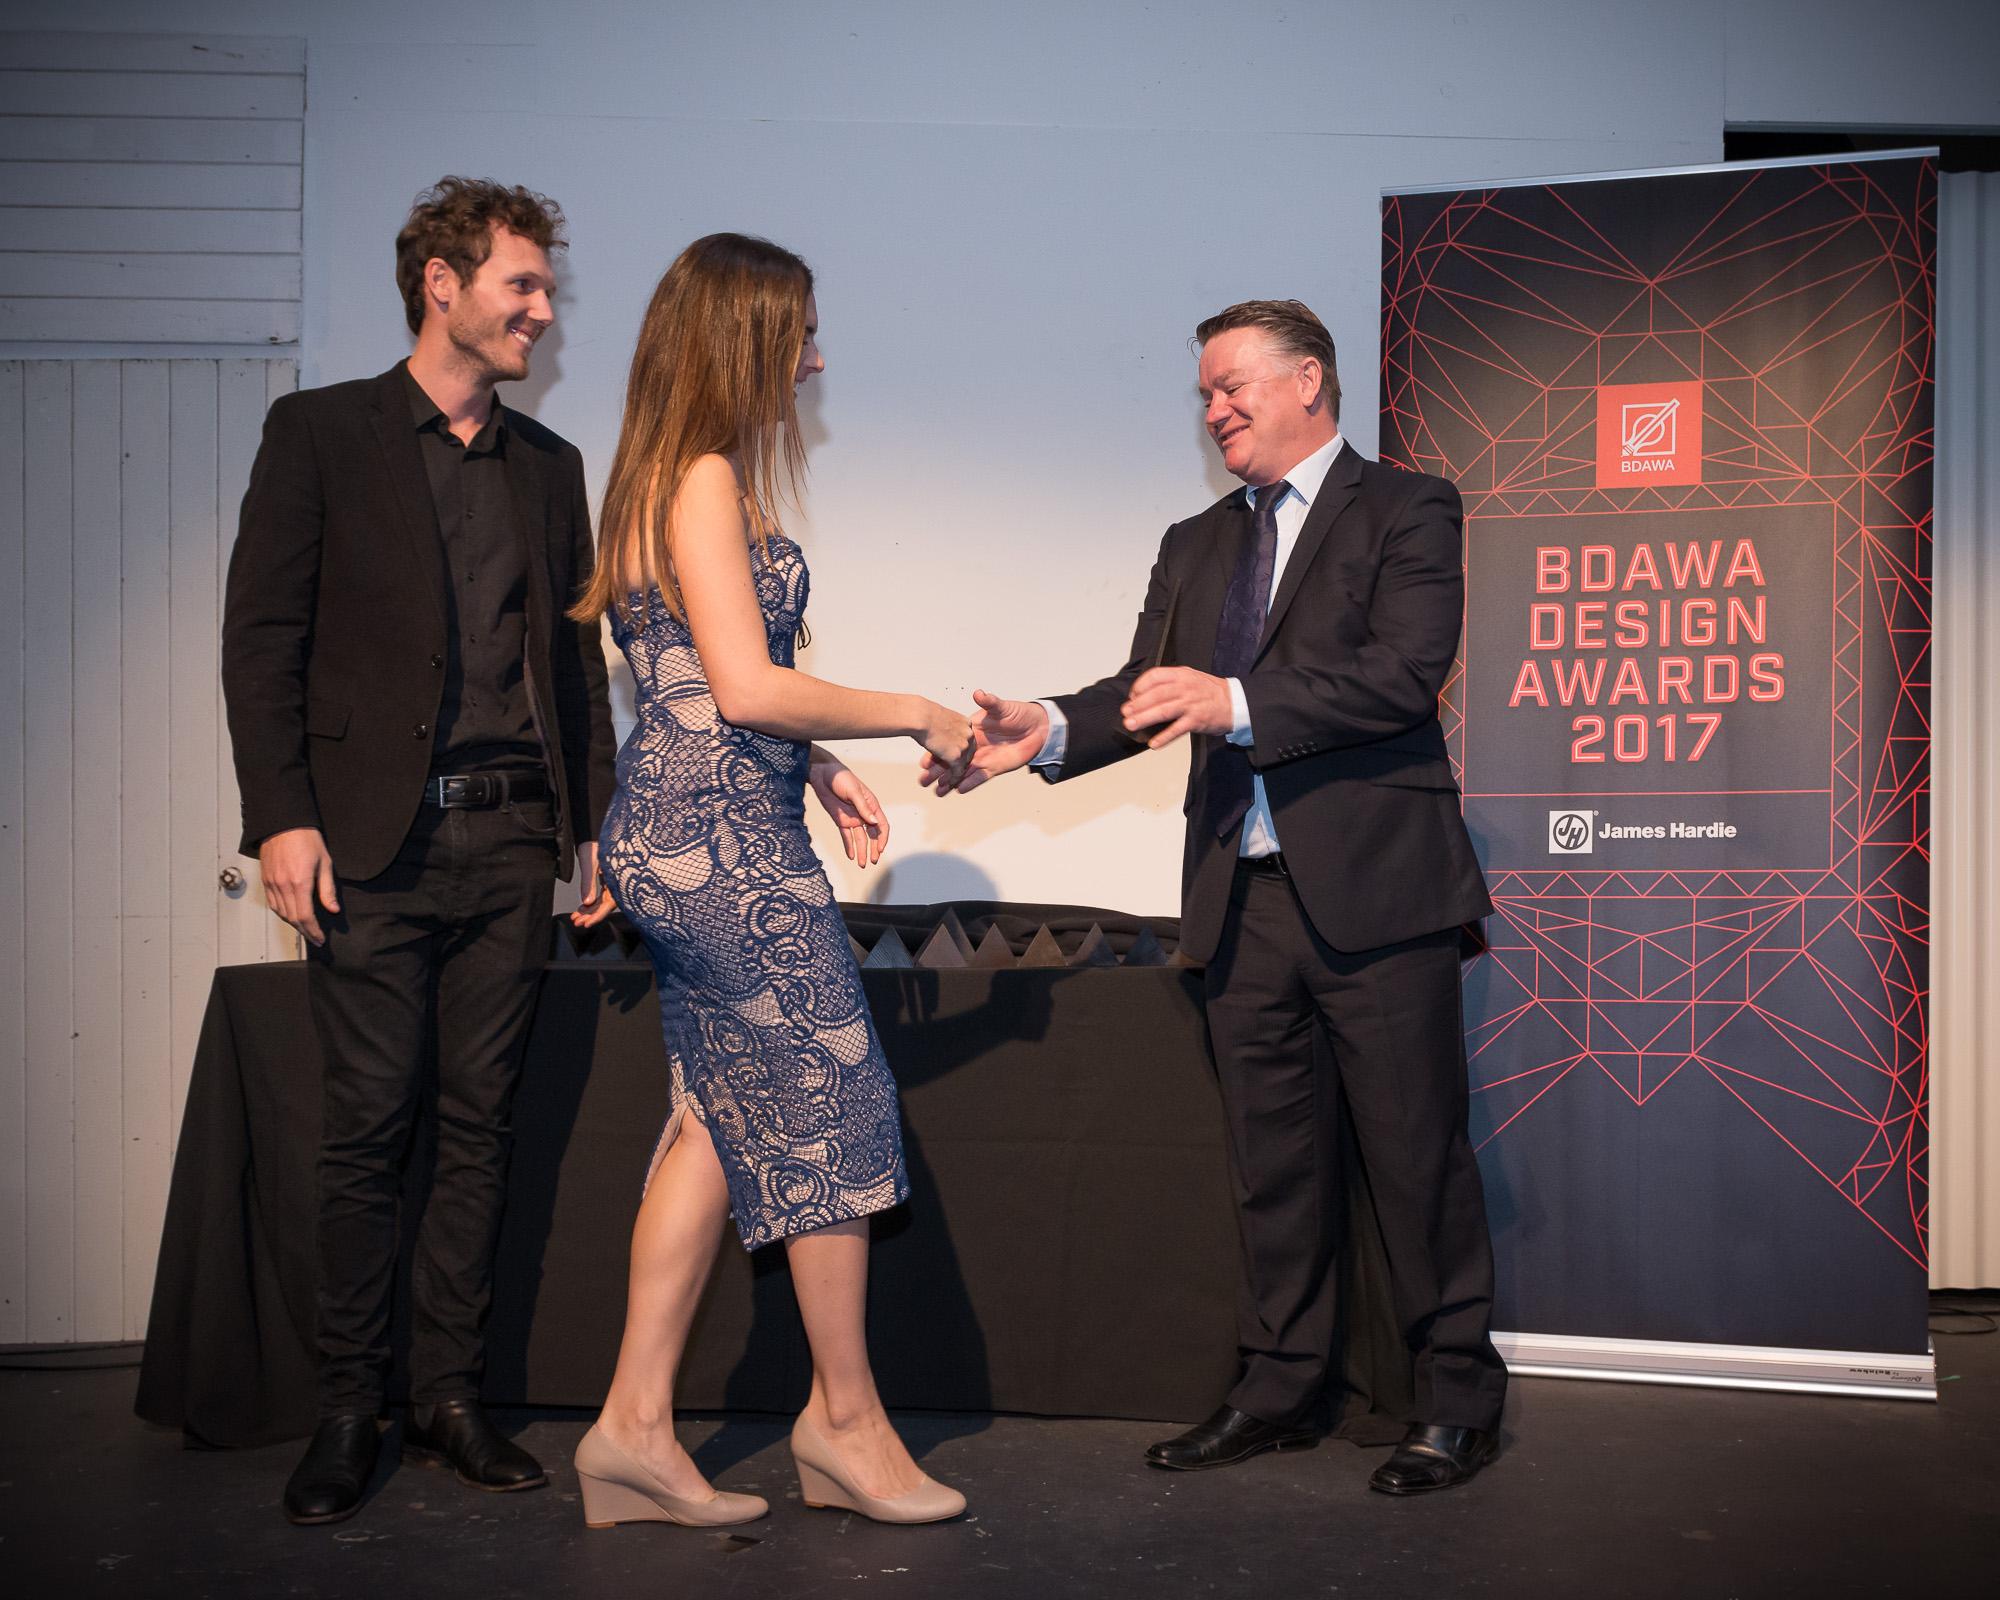 0147 BDA WA Awards 2017 _JHG7387.jpg